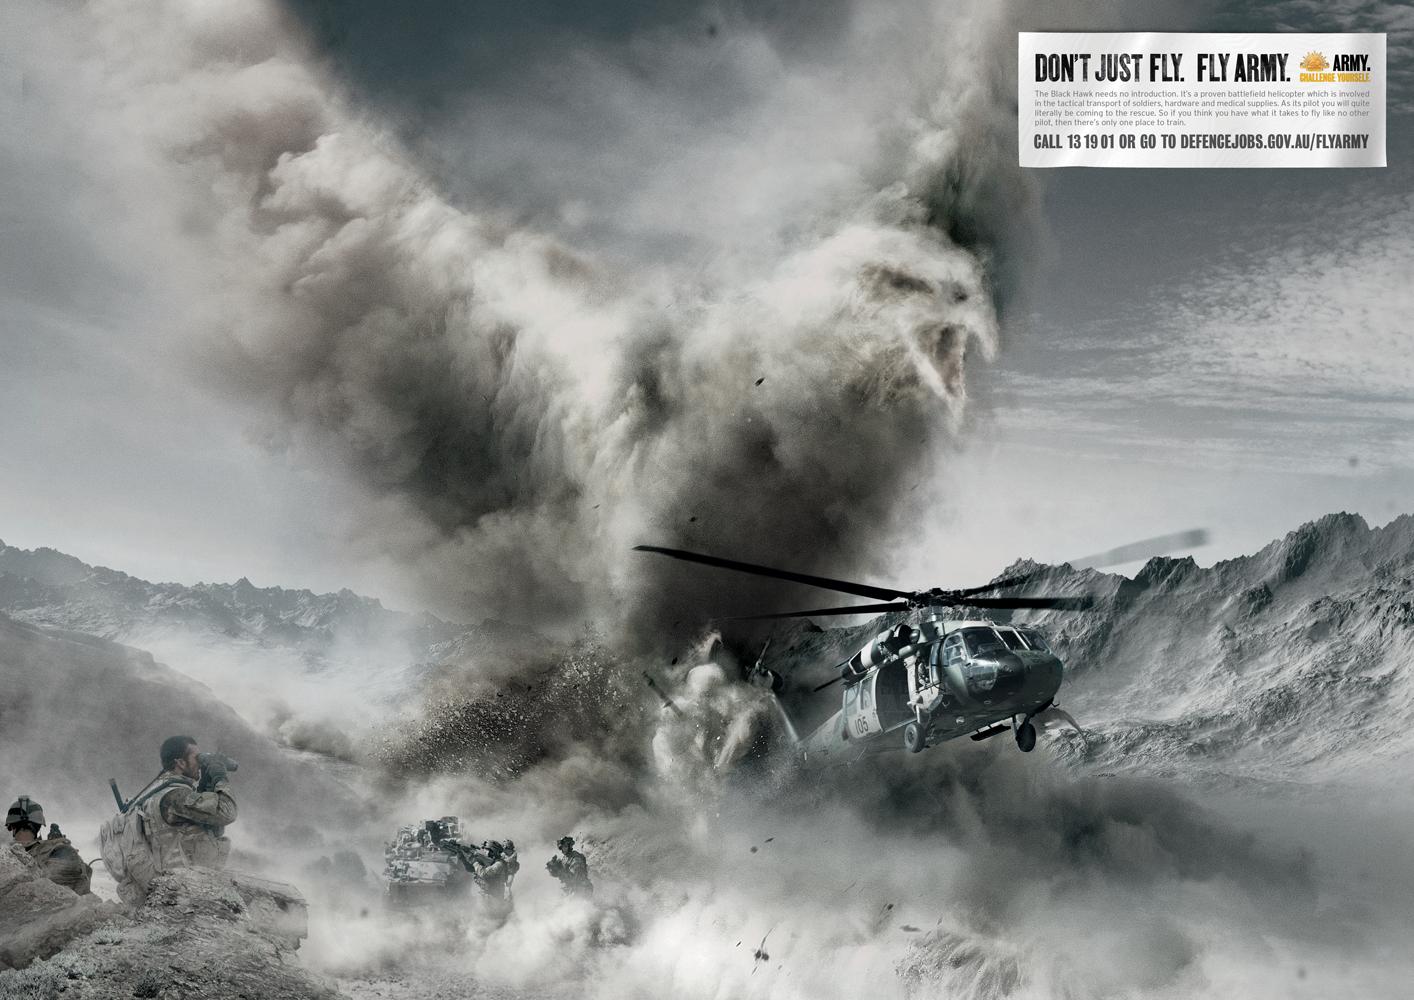 electric_art_fly_army_hawk_pilot3_sdw_1338955021.jpg